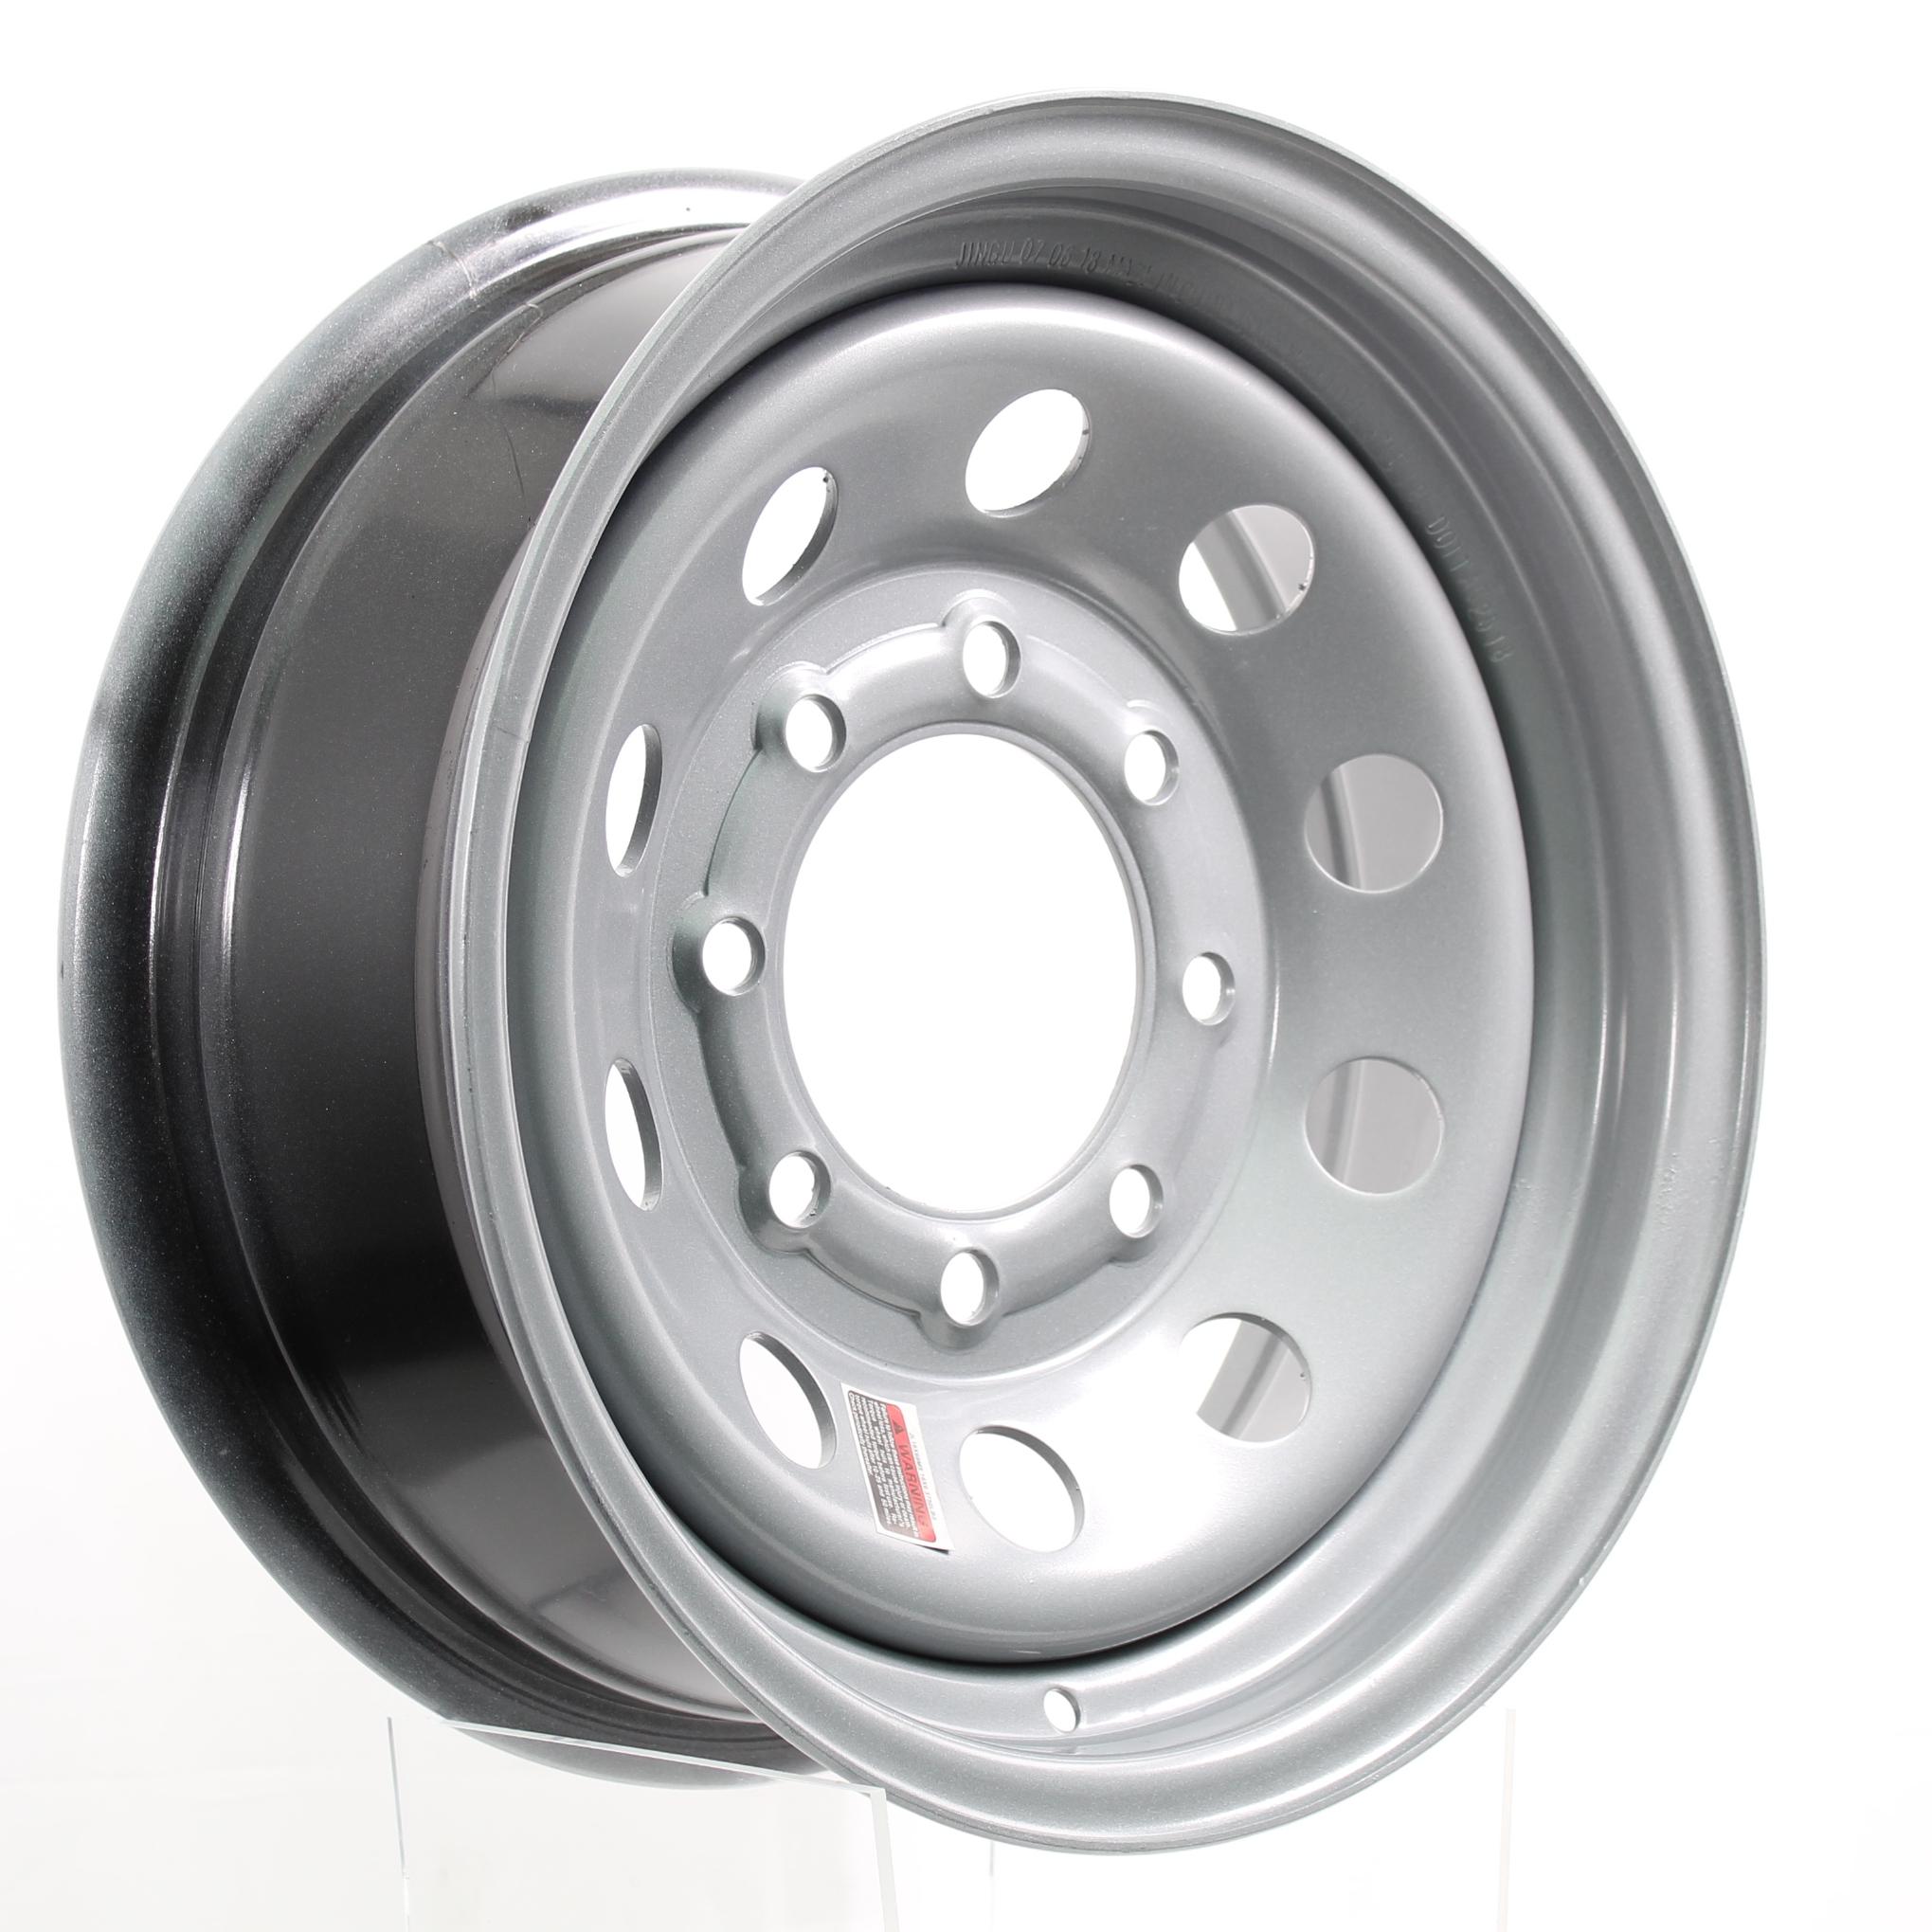 16x7 8-6.5 Silver Mod Steel Wheel Image